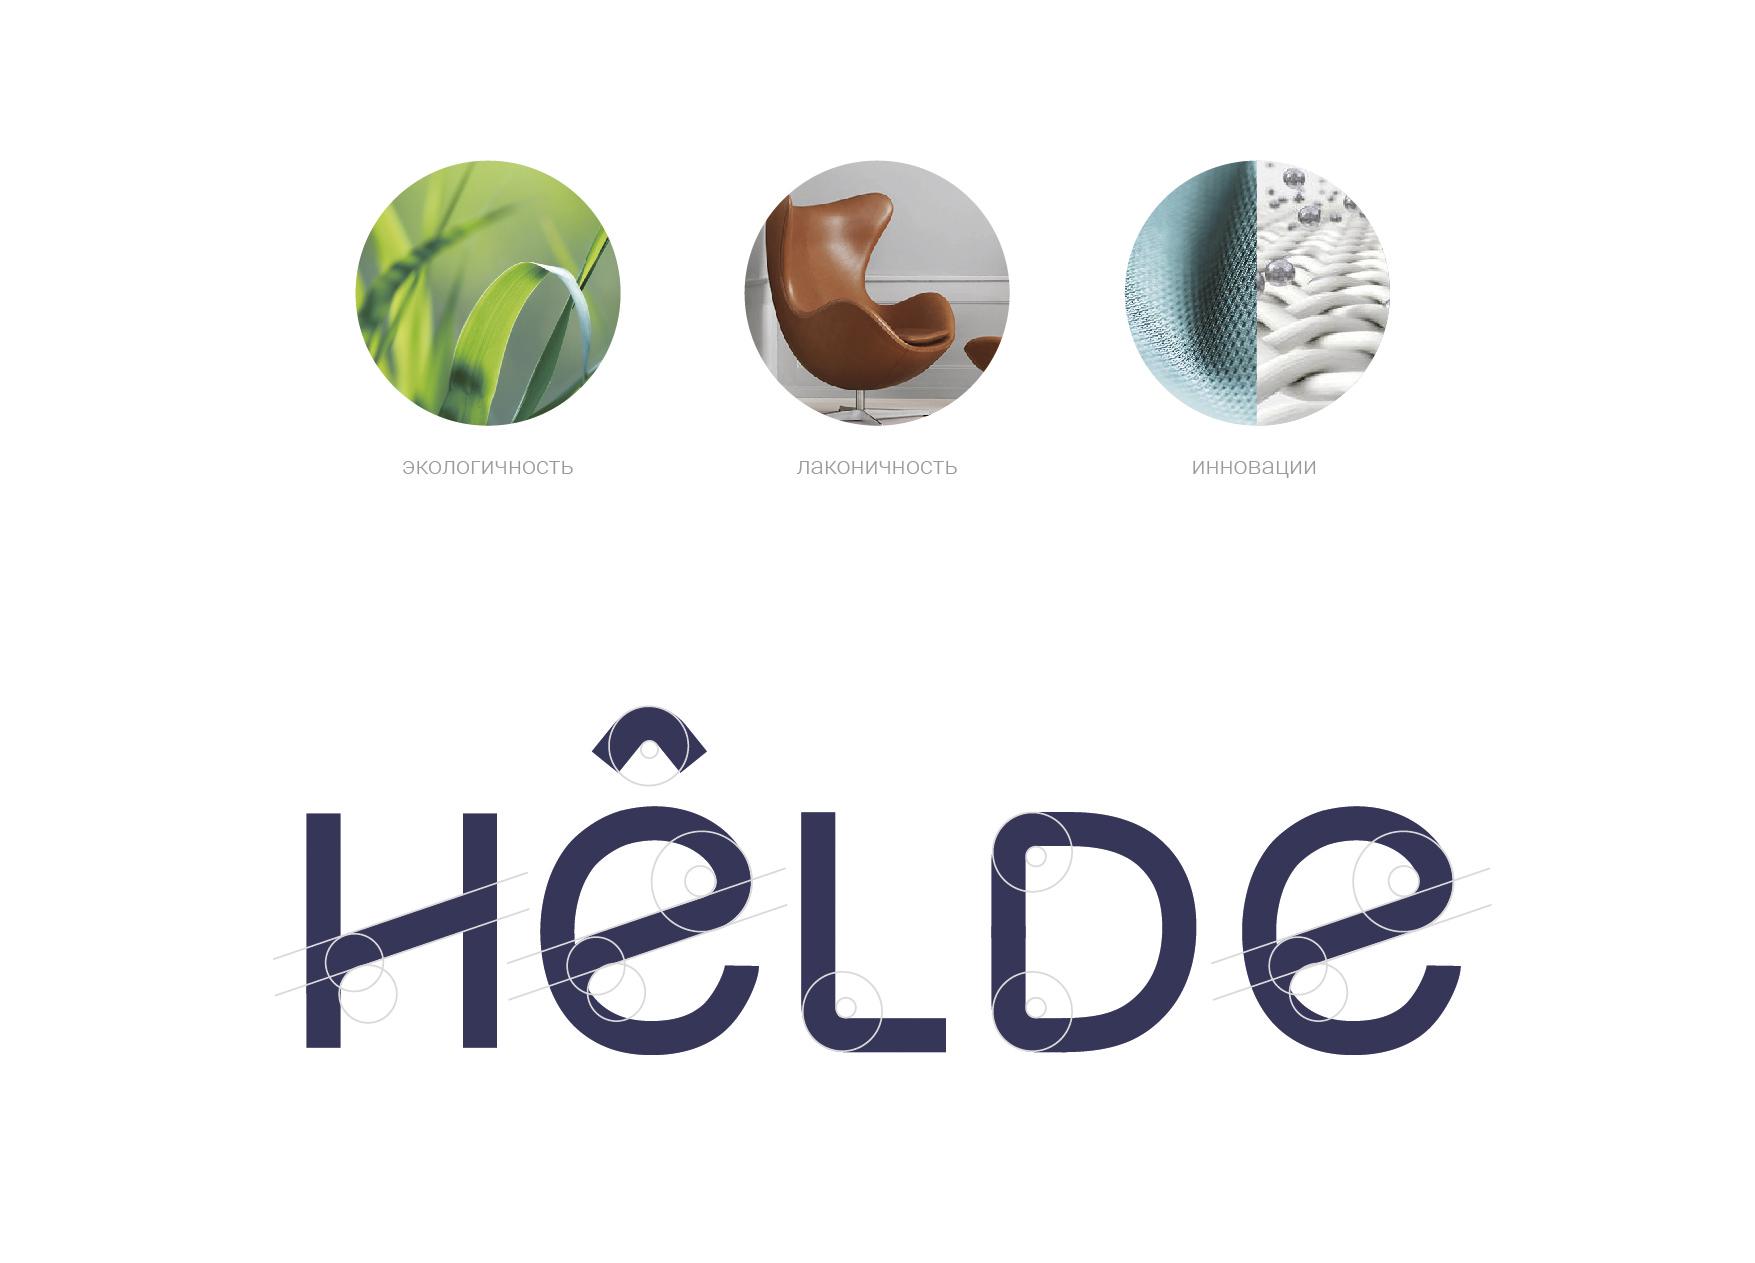 Helde_-02